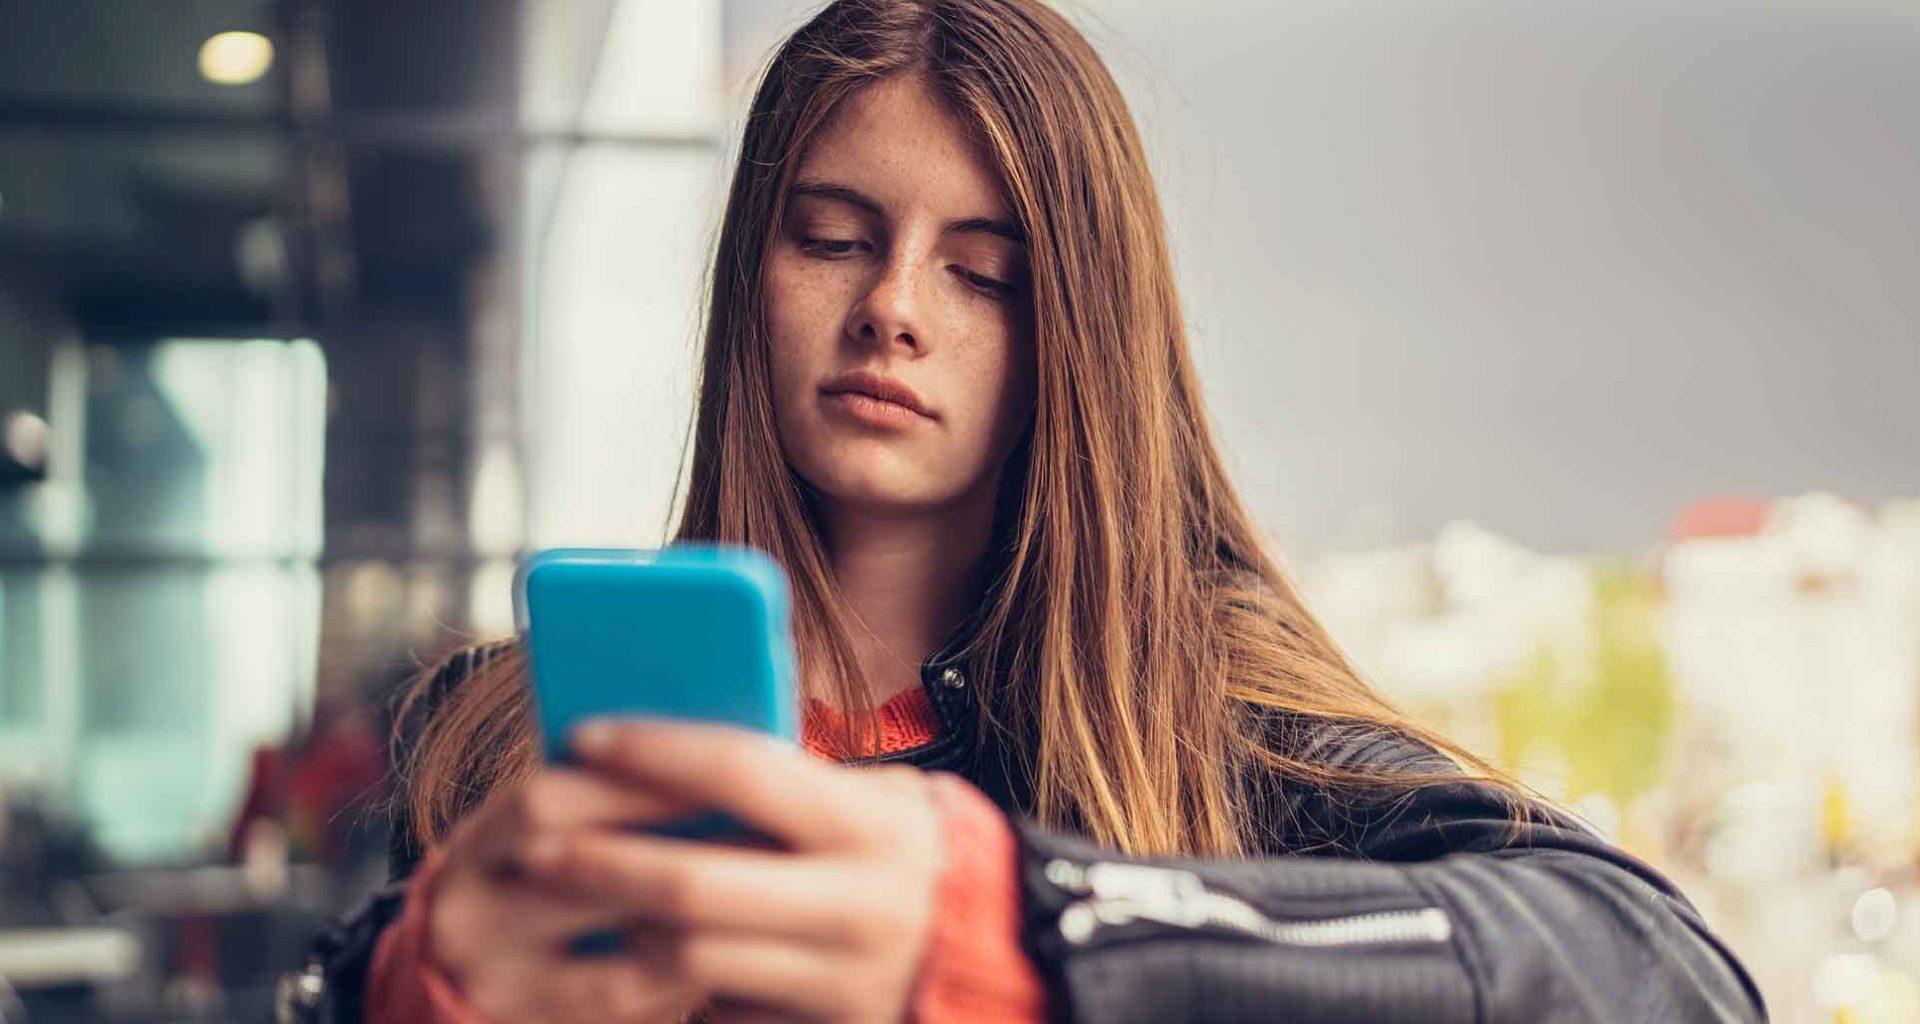 Warum teilt man tiefgründige Zitatbilder auf Social Media?